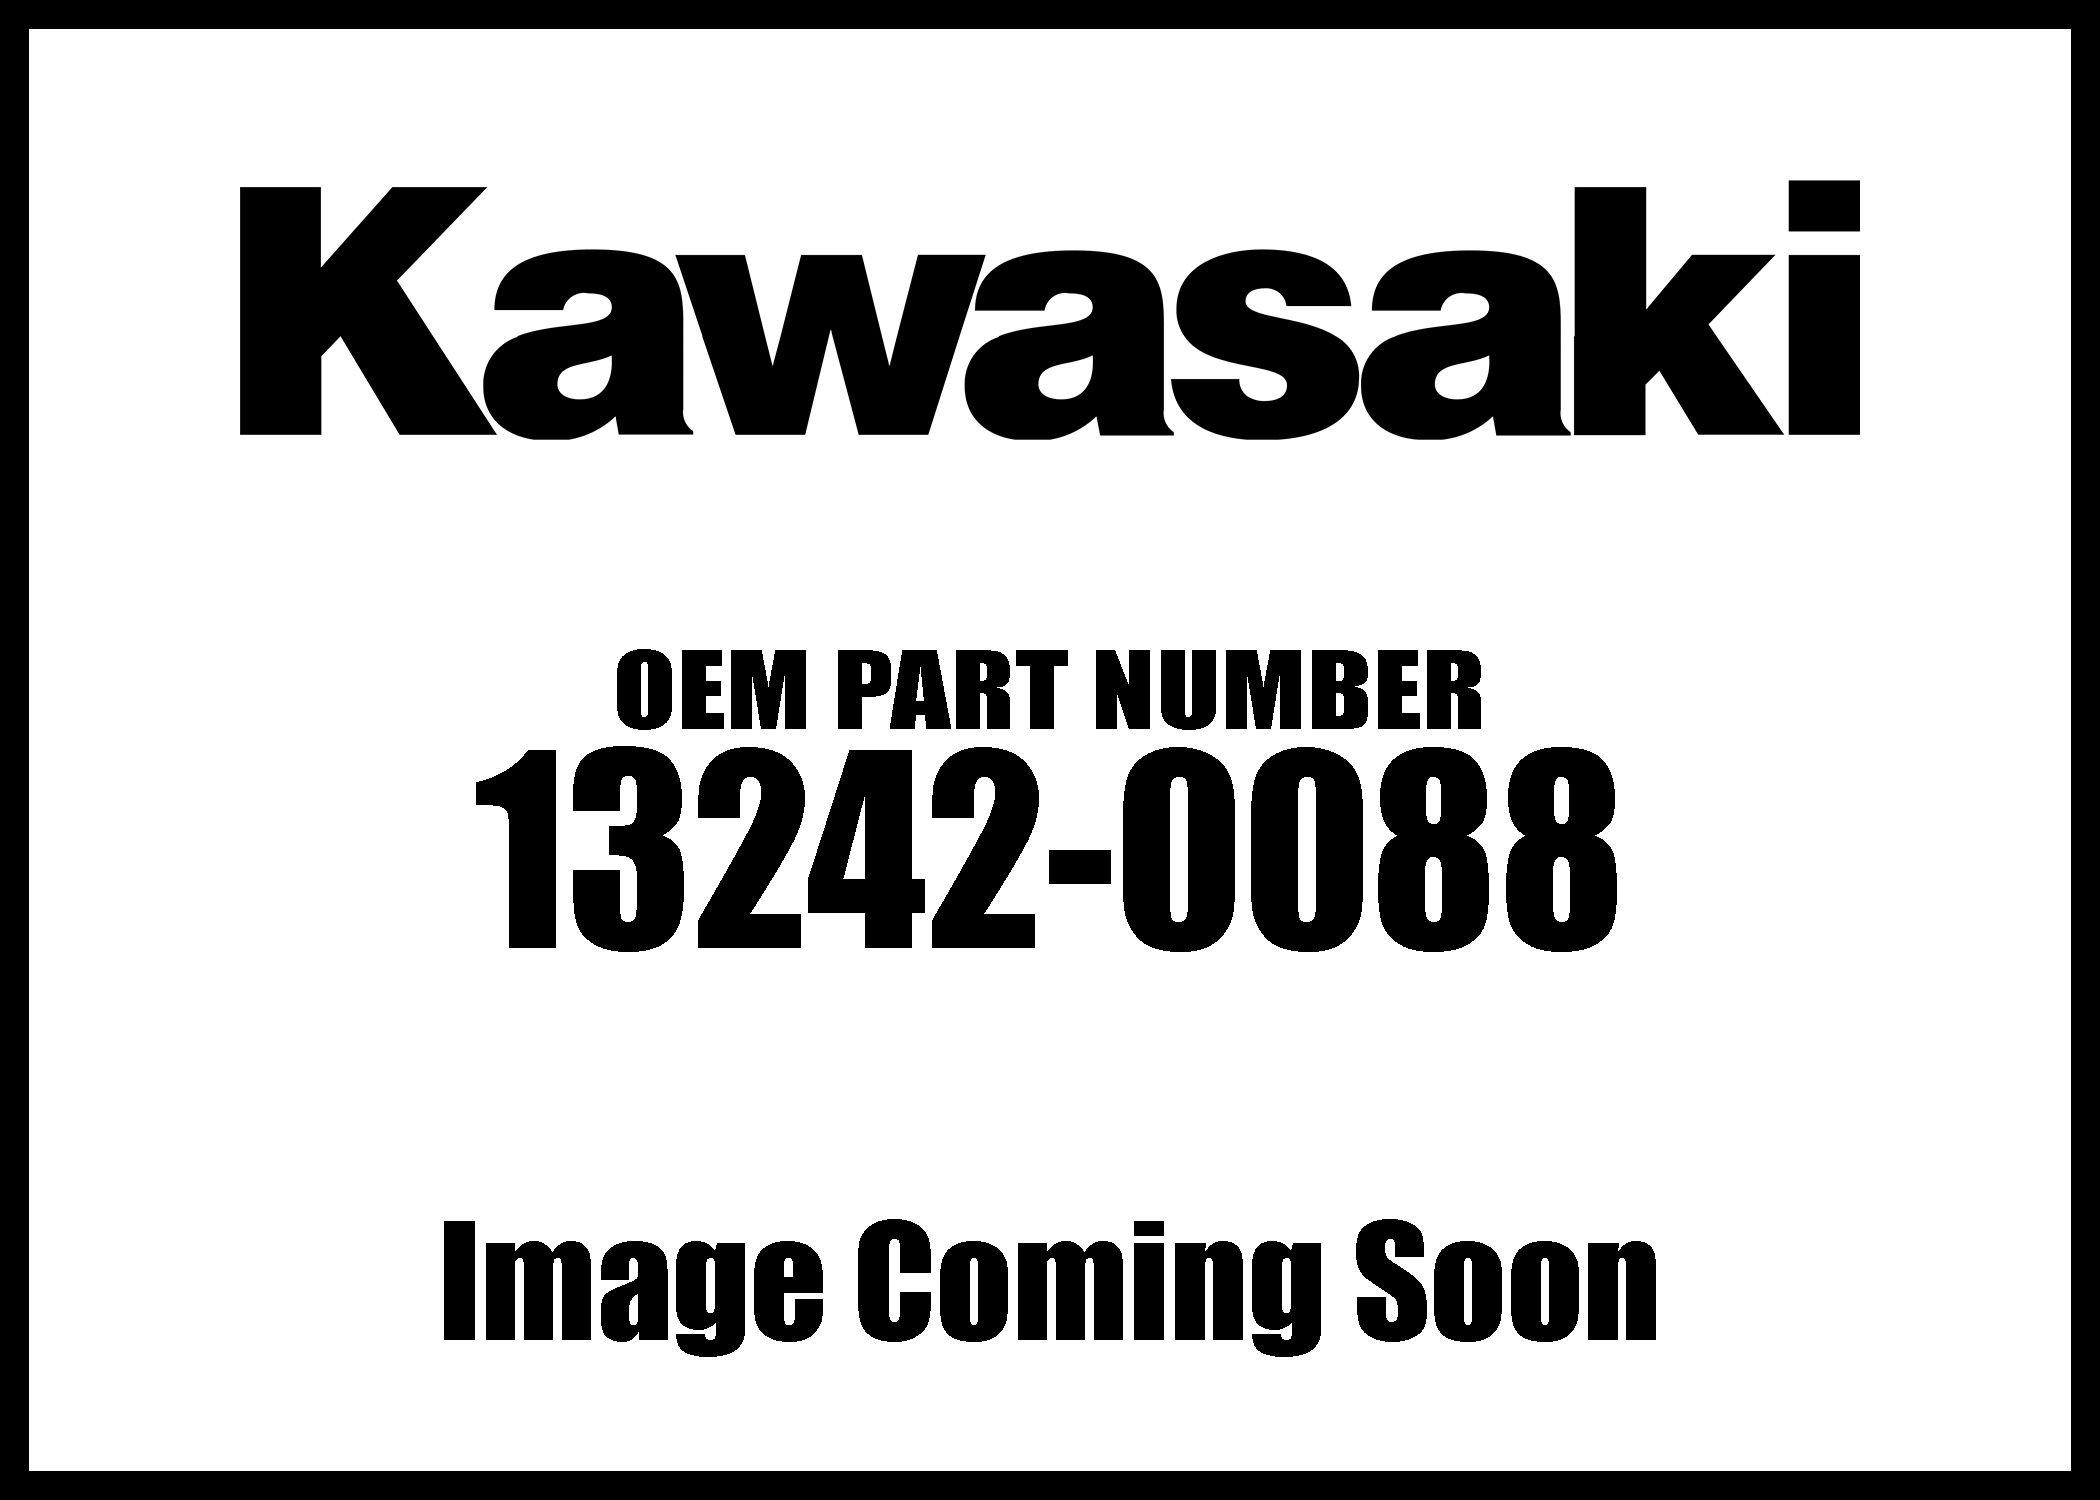 Kawasaki Ninja 300 Shift Lever 13242-0088 by Kaw (Image #1)